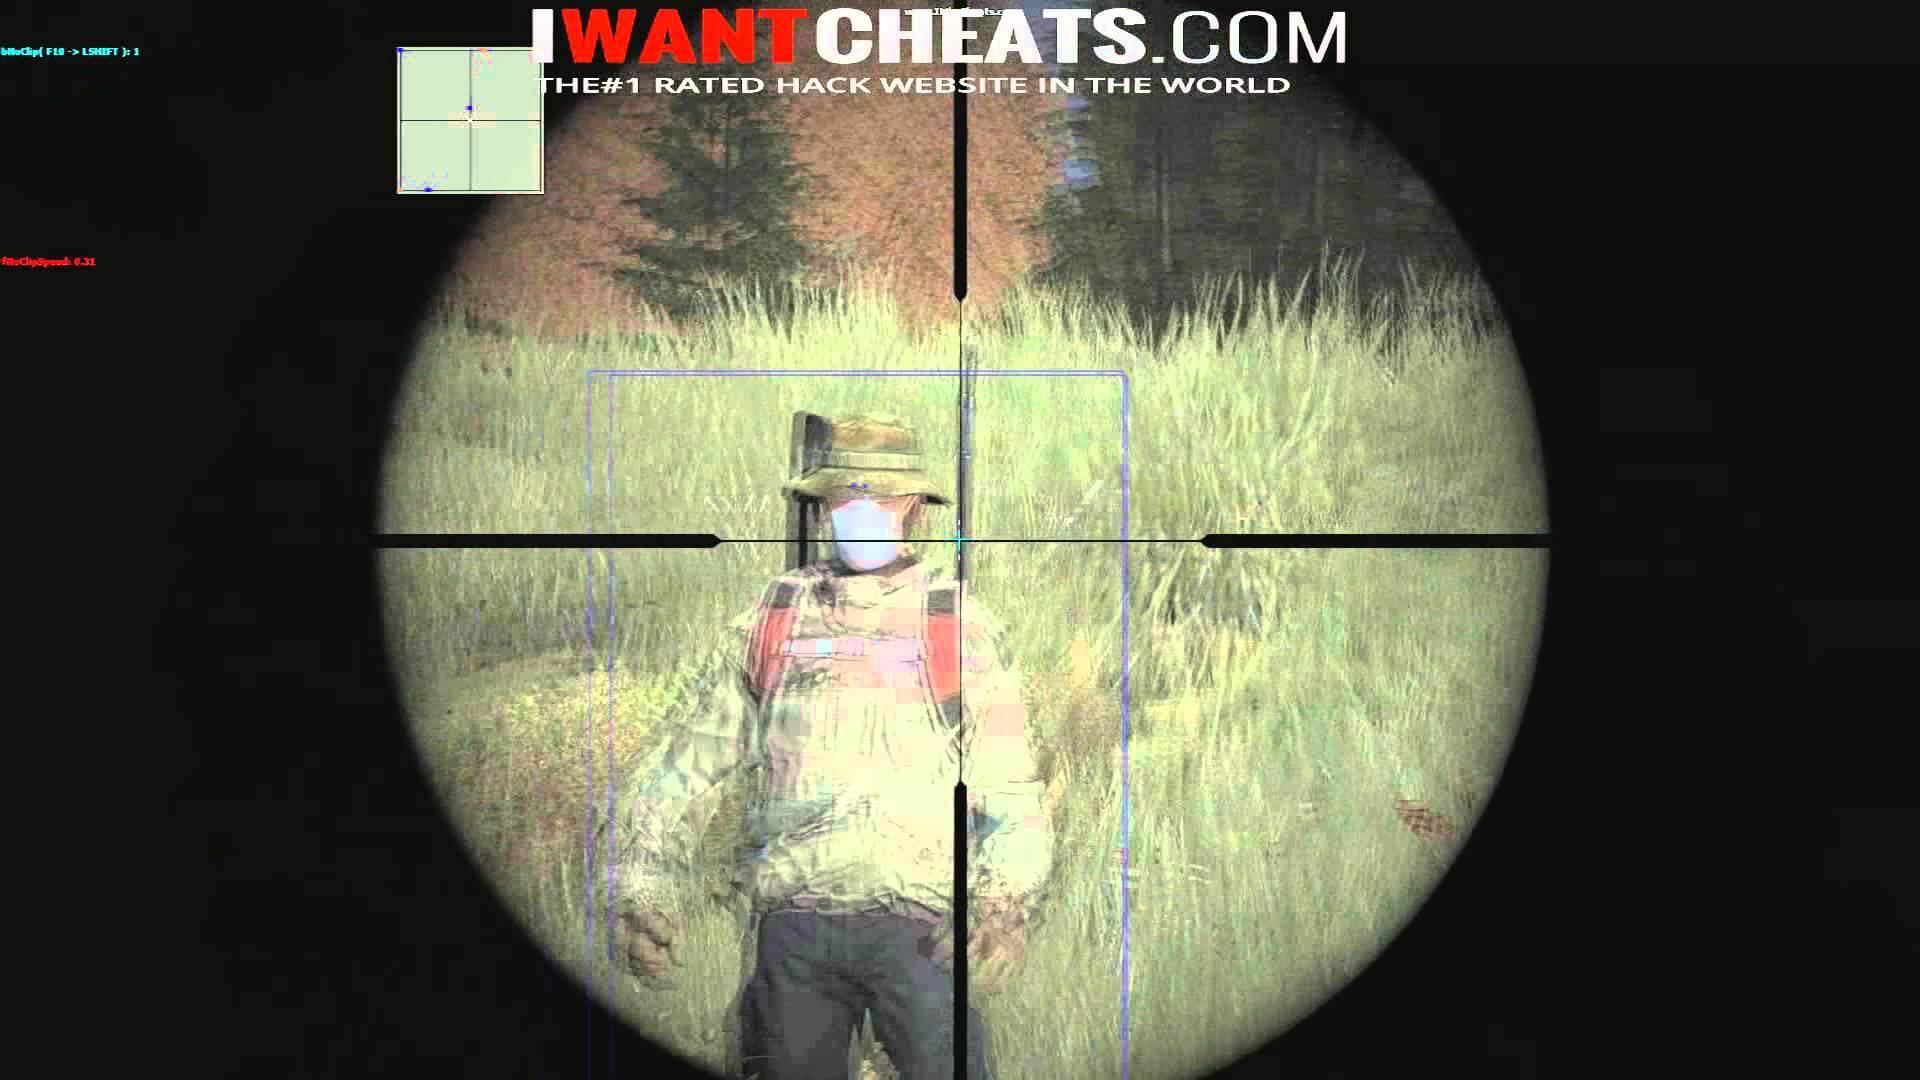 dayz hacks aimbot esp standalone cheats iwantcheats